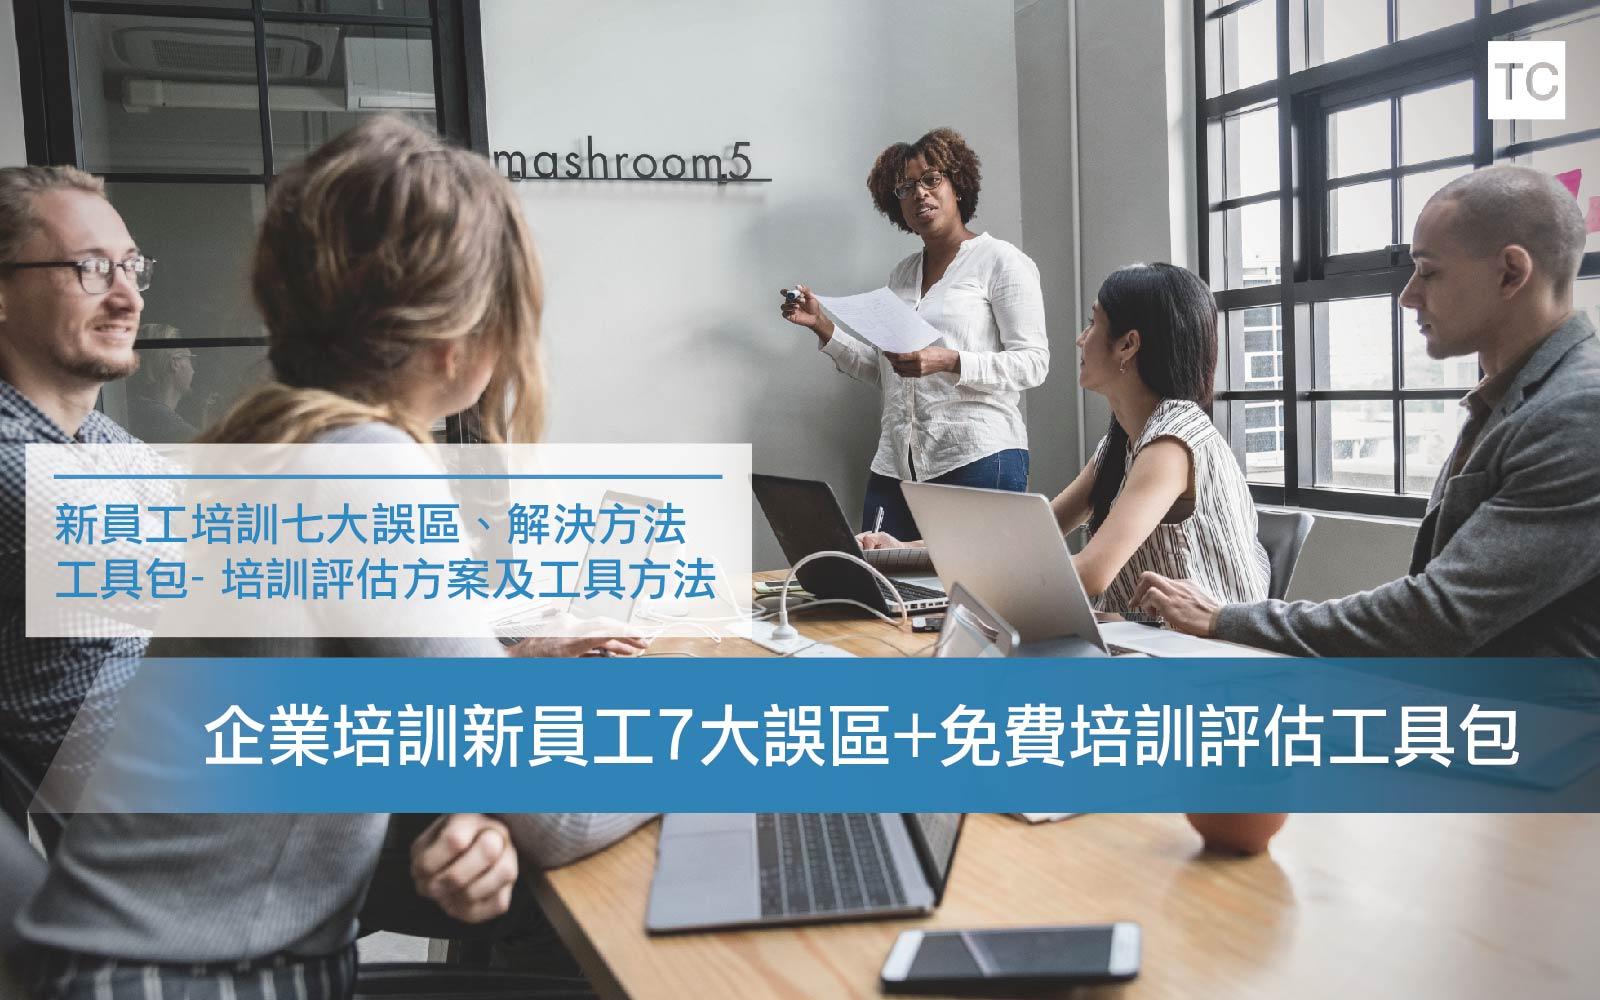 【企業培訓】員工培訓方法7大誤區 用4套培訓評估工具解決